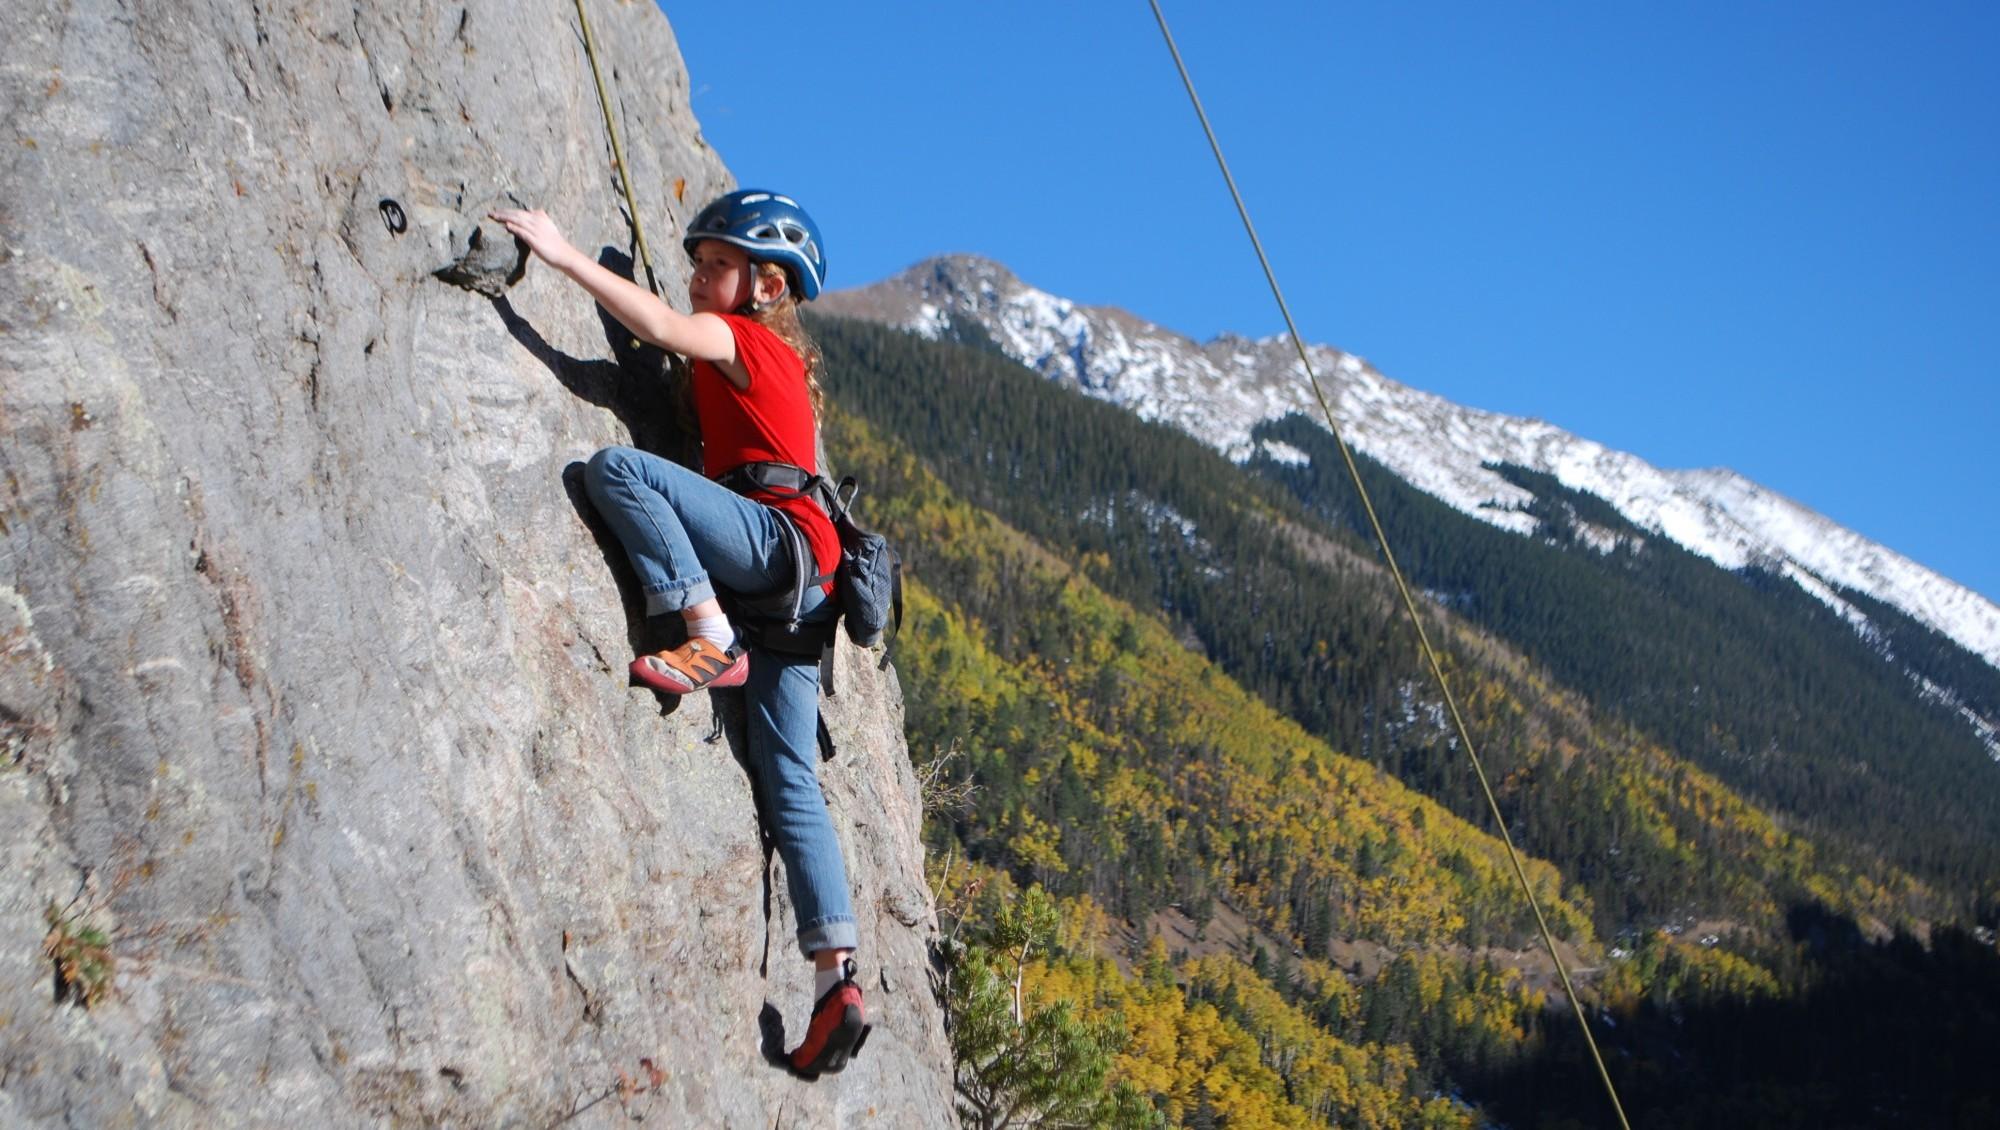 Αποτέλεσμα εικόνας για climbing